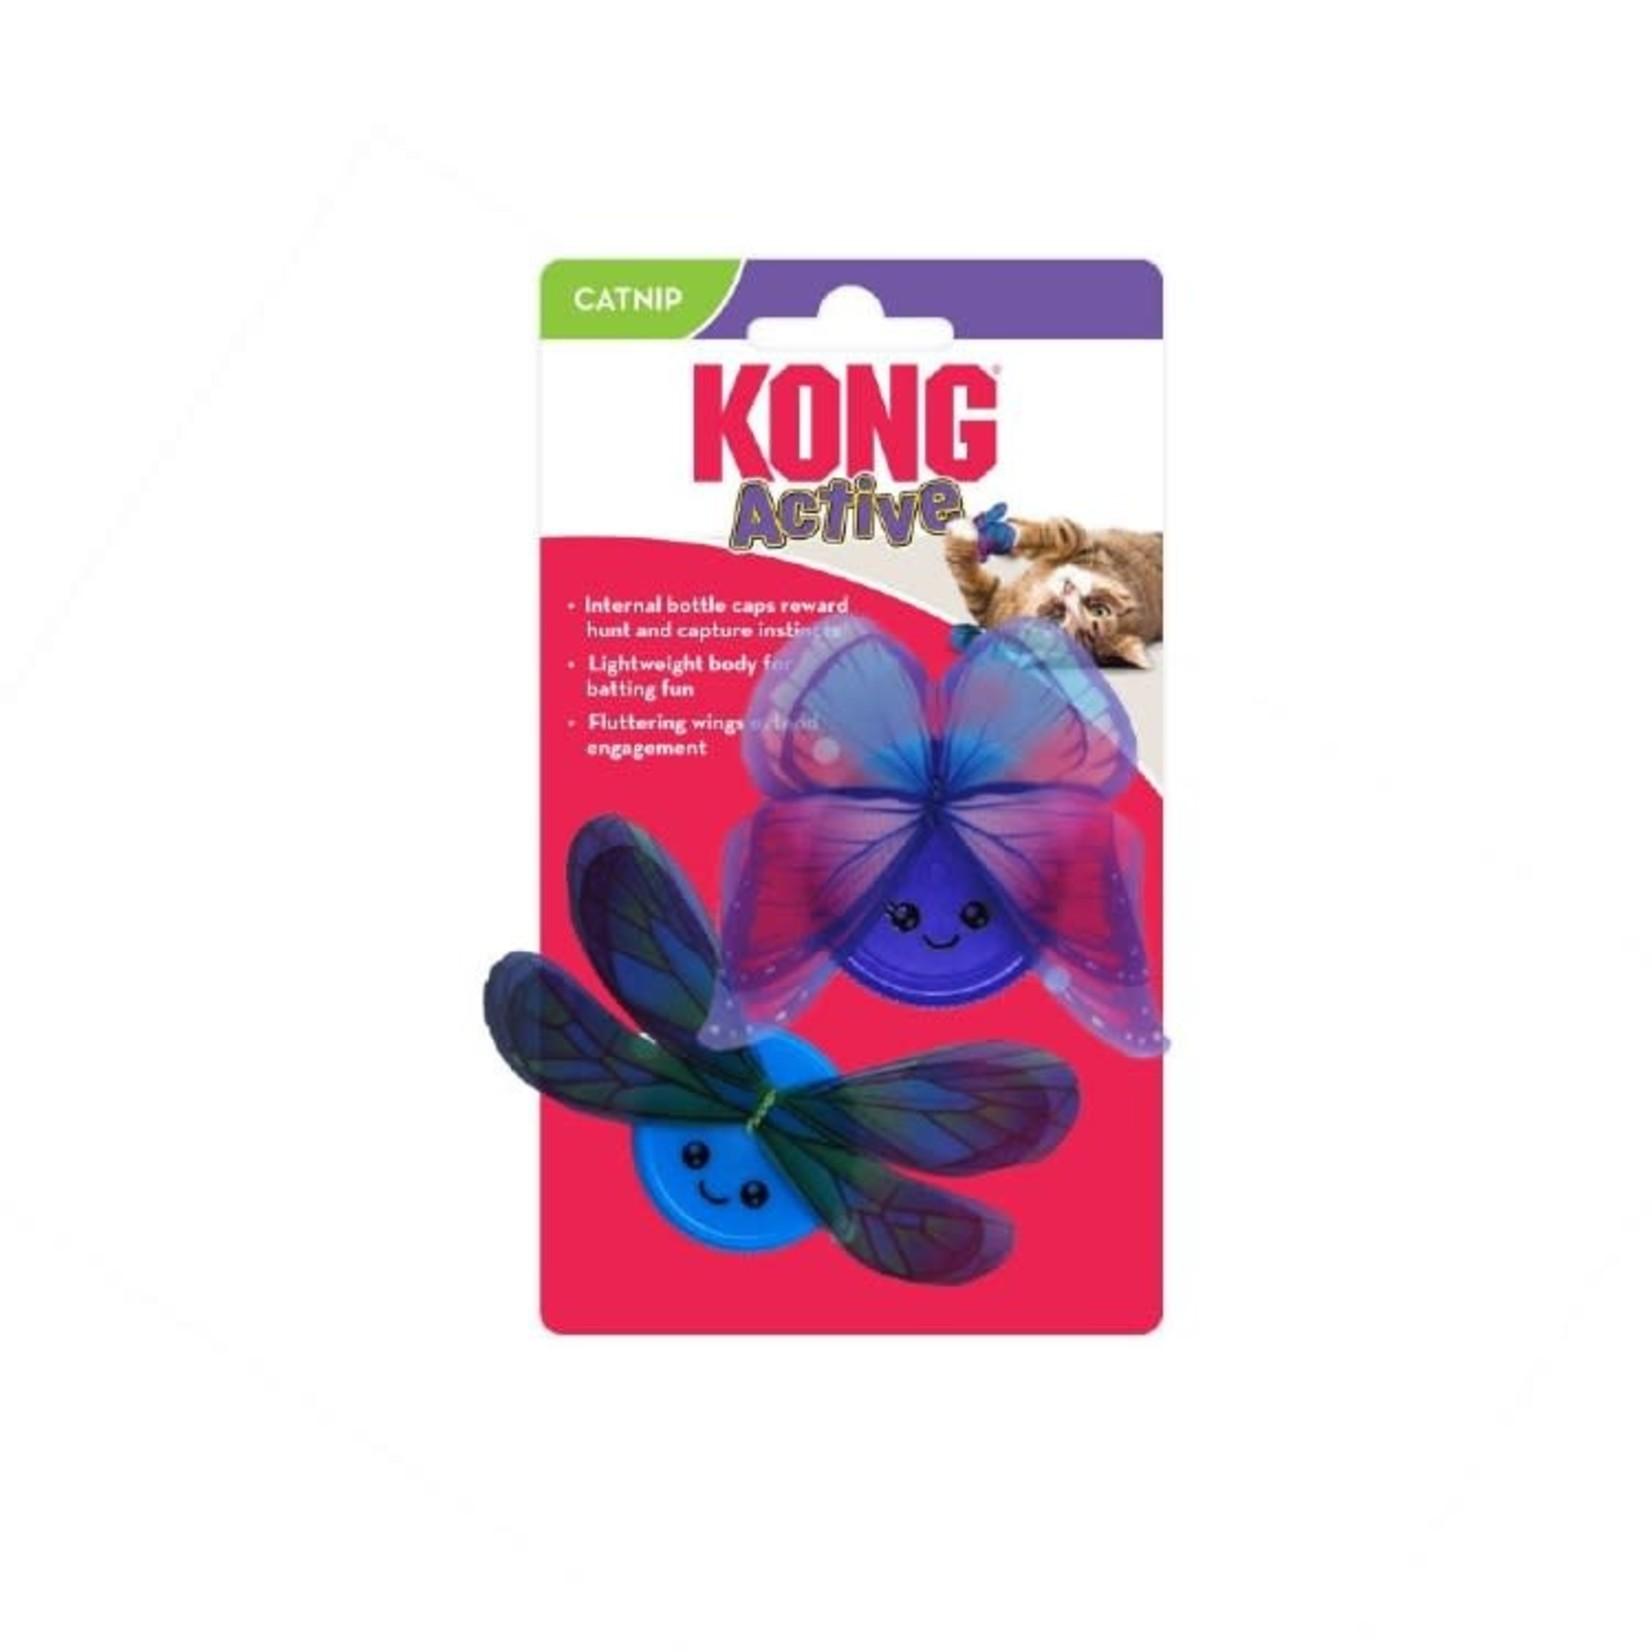 Kong Kong Catnip Active 2pk